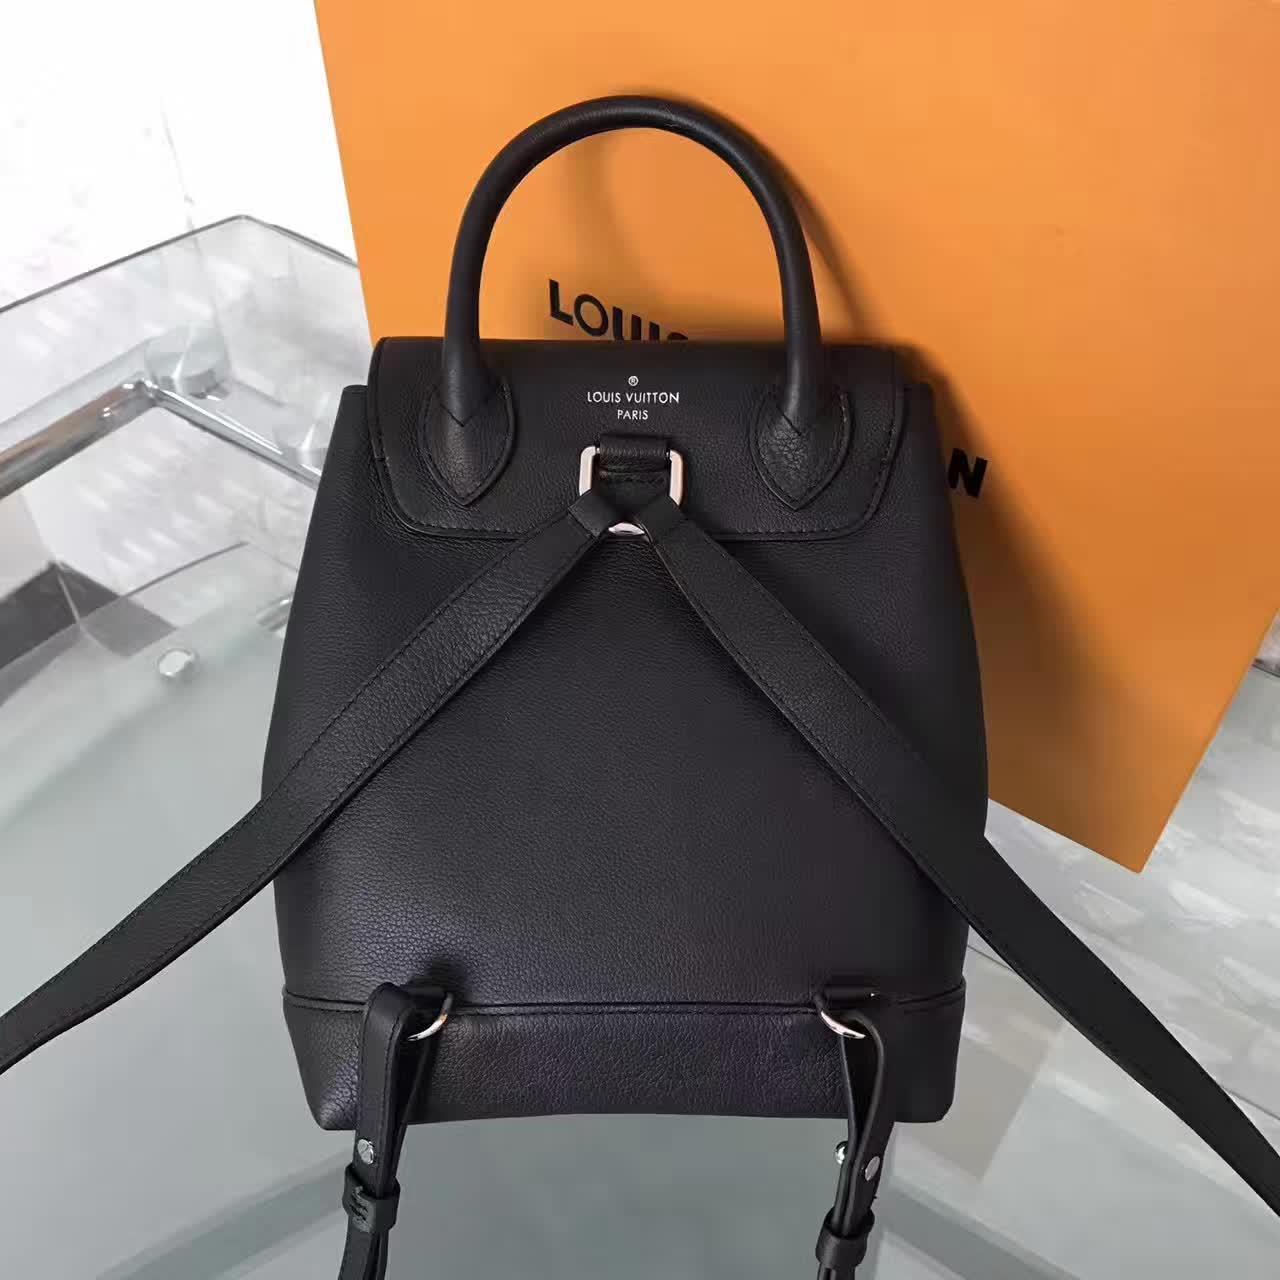 6b38d2a42a1d Louis Vuitton Lockme Backpack Noir on Storenvy